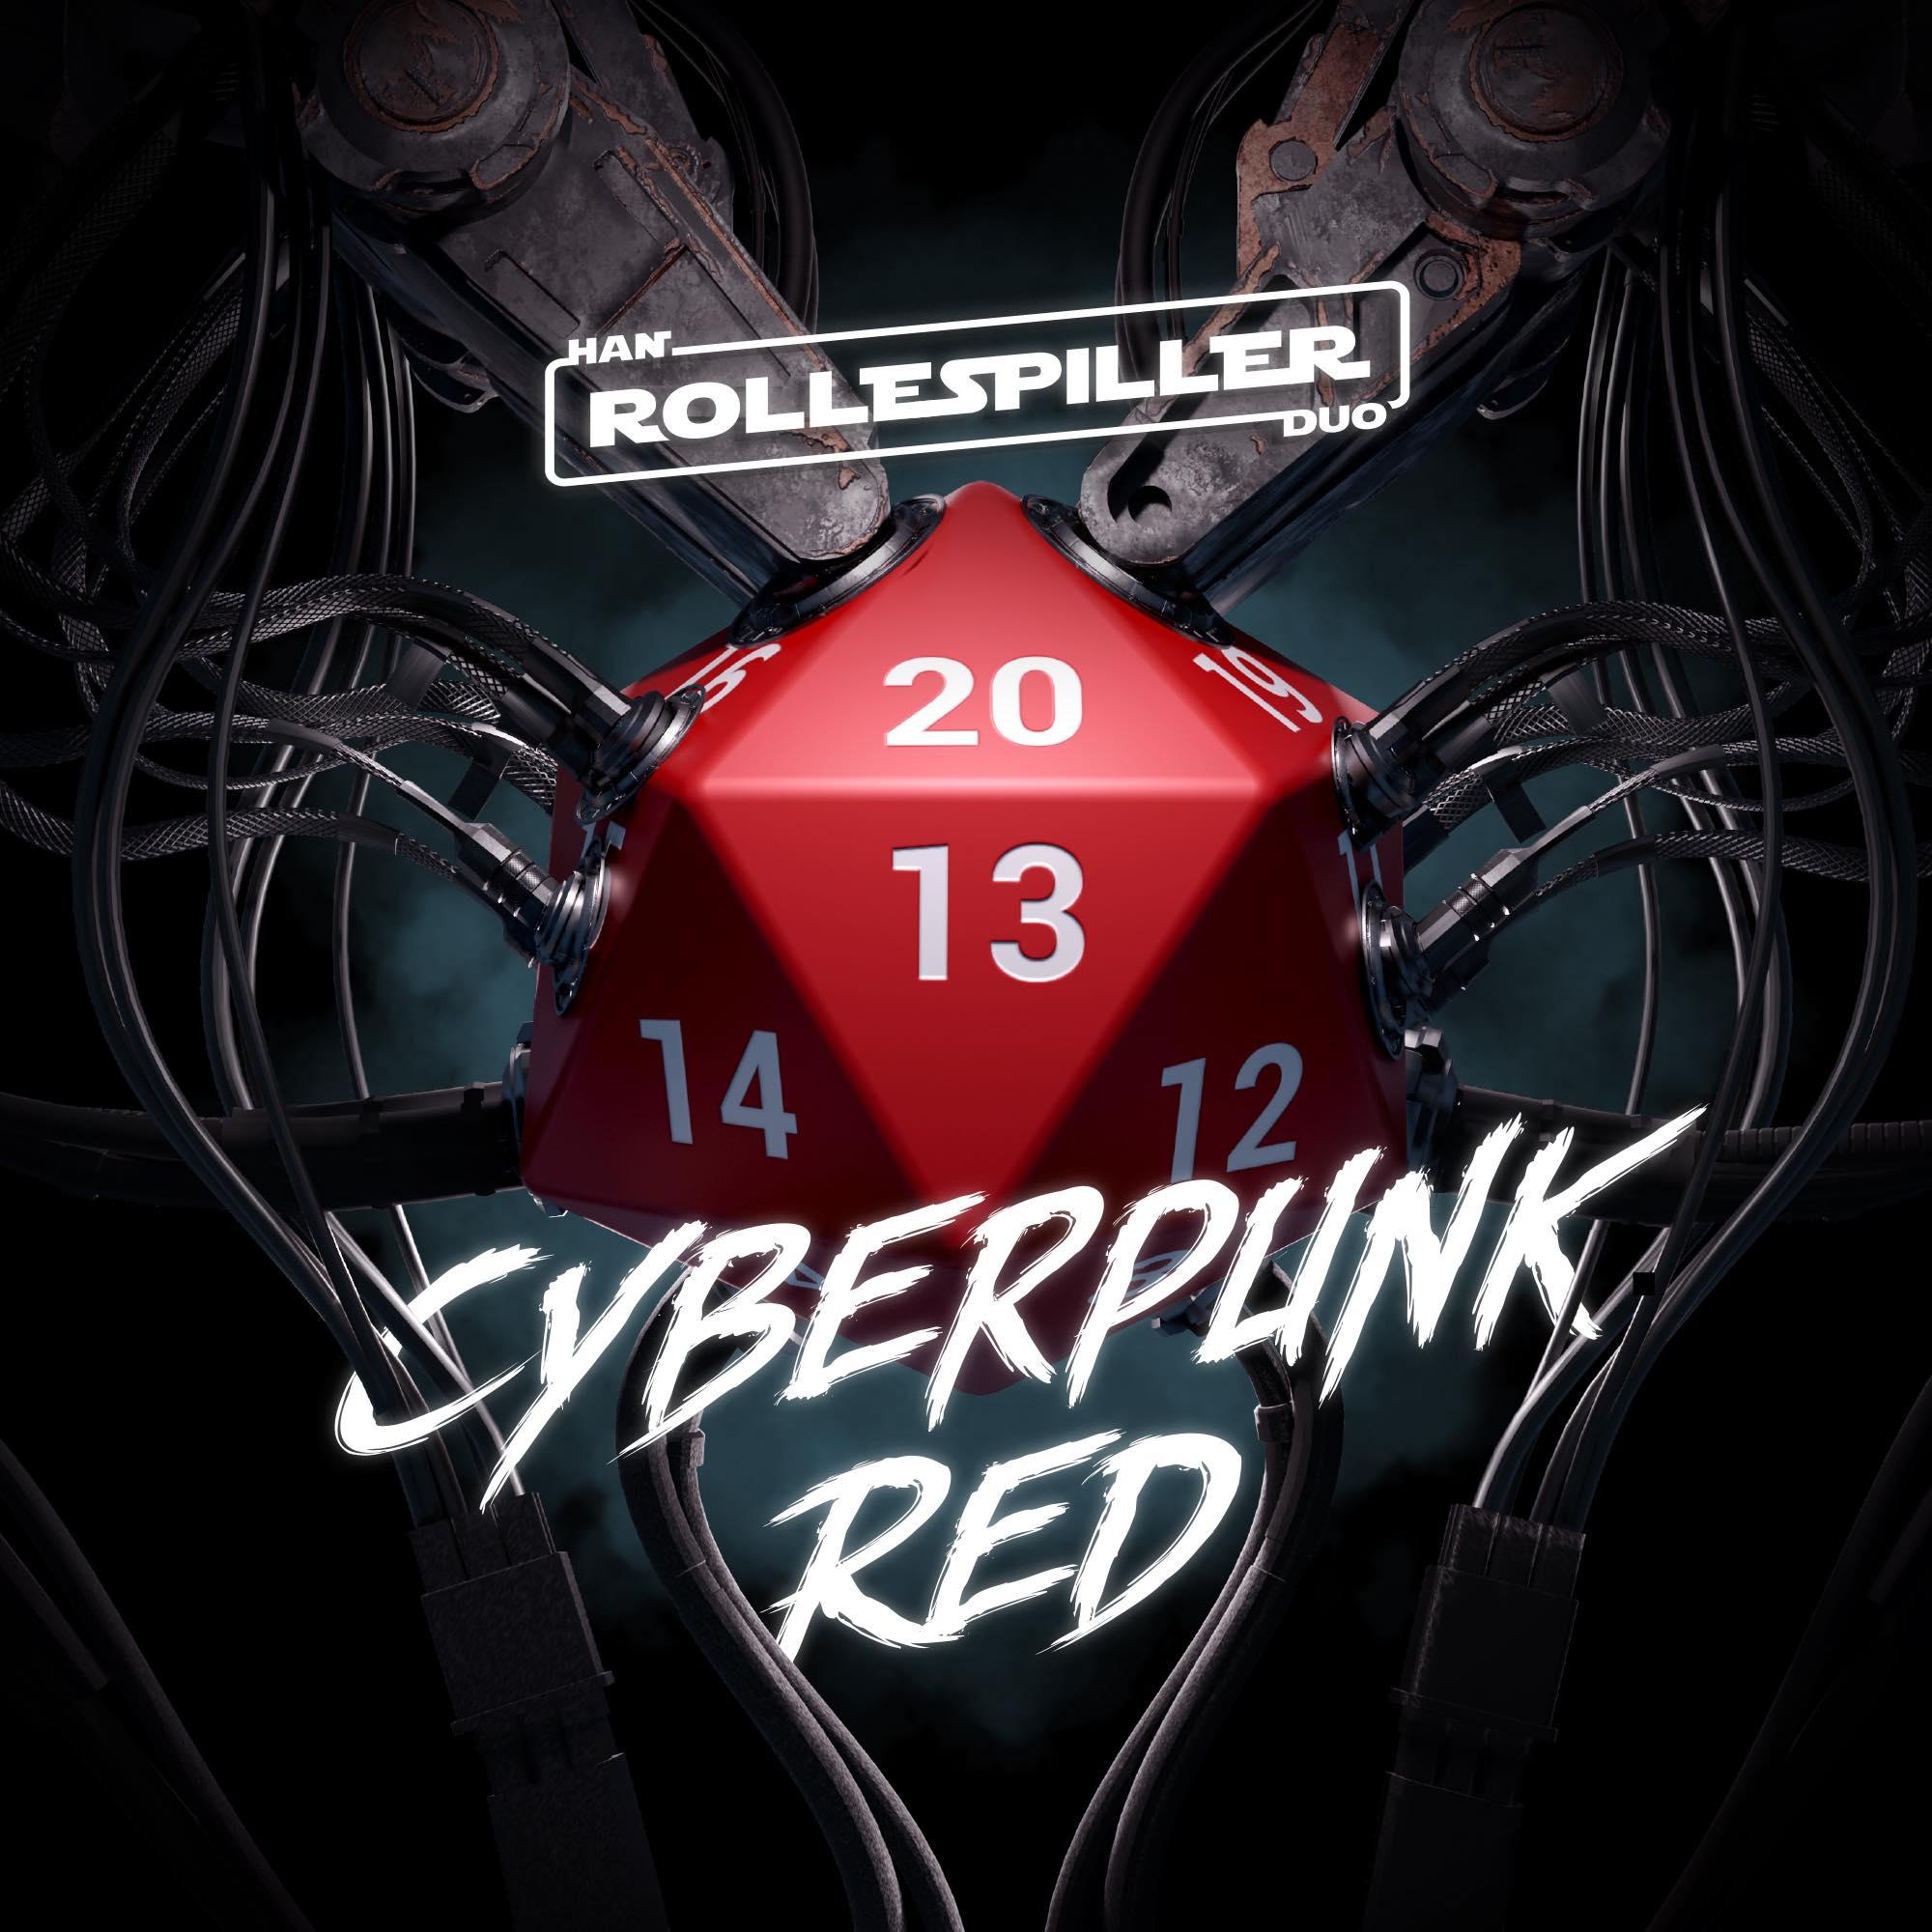 Cyberpunk Red 2:5